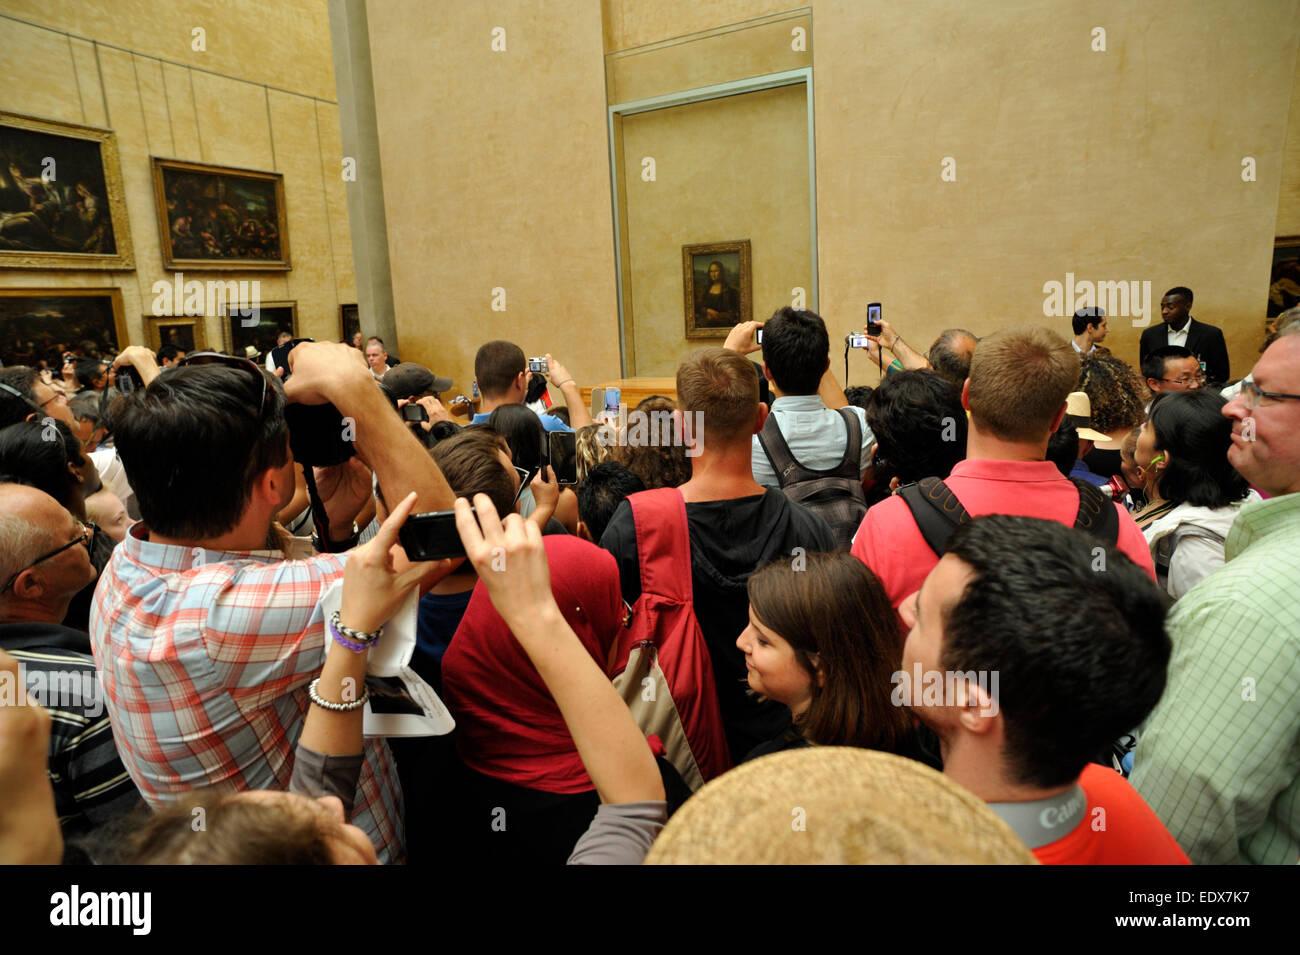 paris, the louvre museum, crowd of tourists around the gioconda - Stock Image